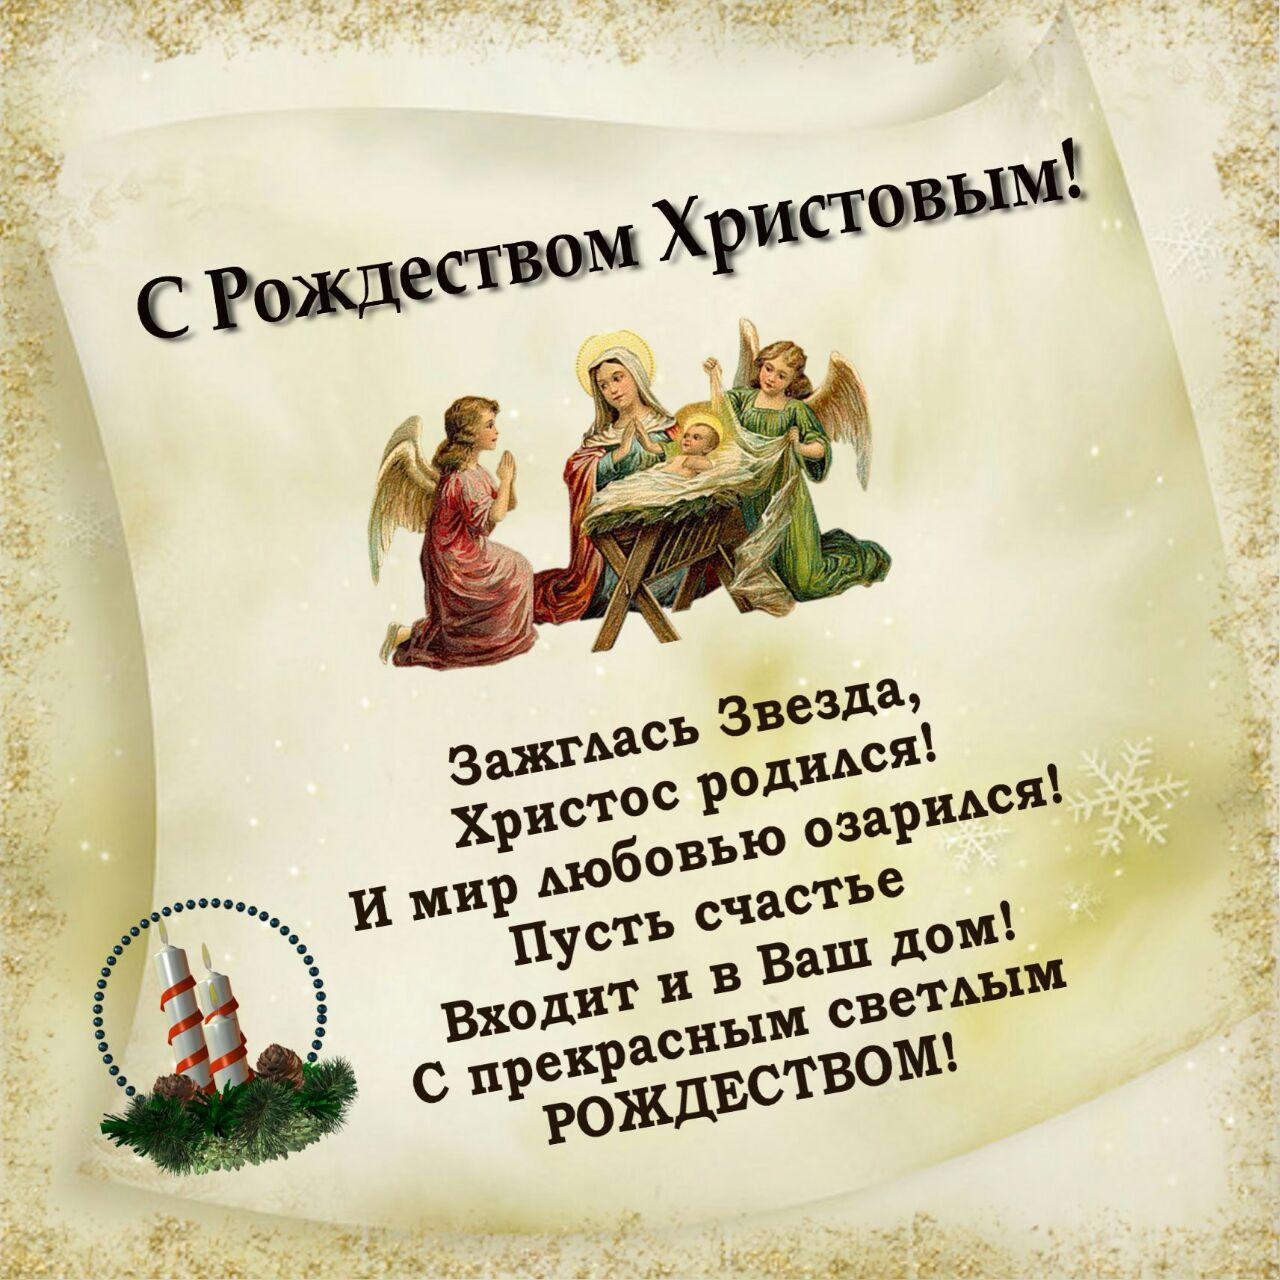 Православное поздравление смс к рождеству